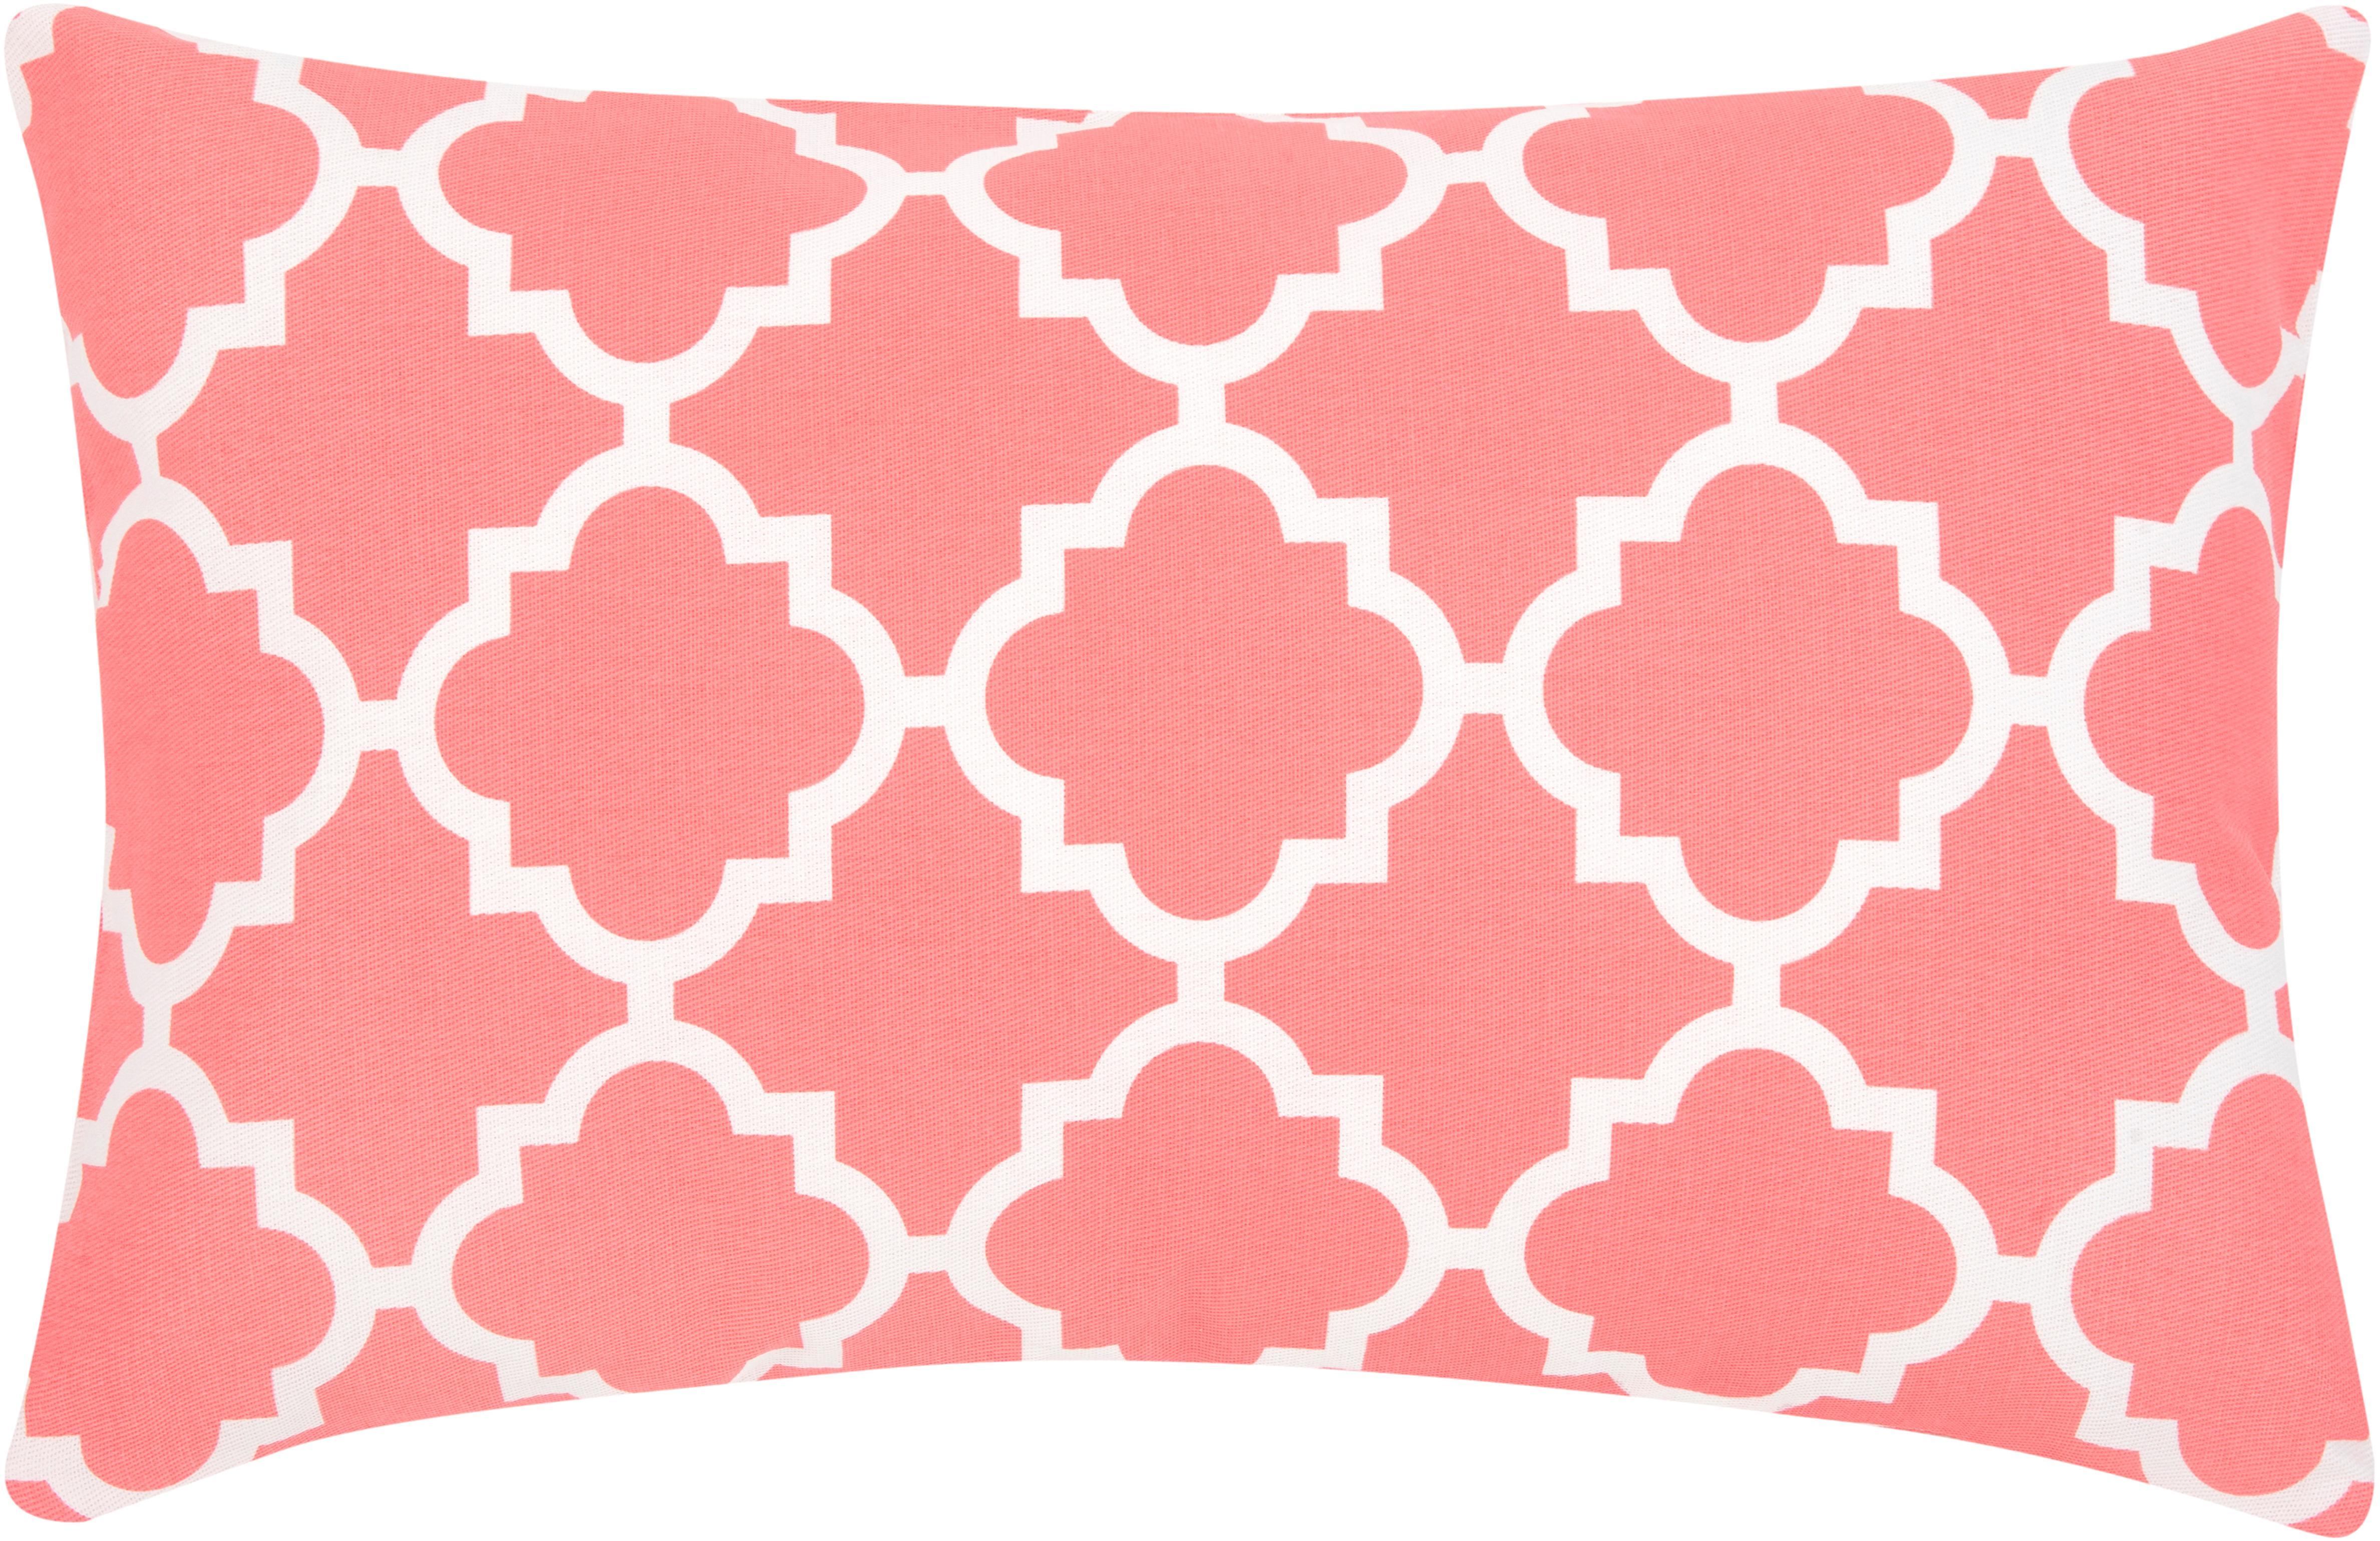 Kissenhülle Lana mit grafischem Muster, Baumwolle, Korallfarben, Weiß, 30 x 50 cm